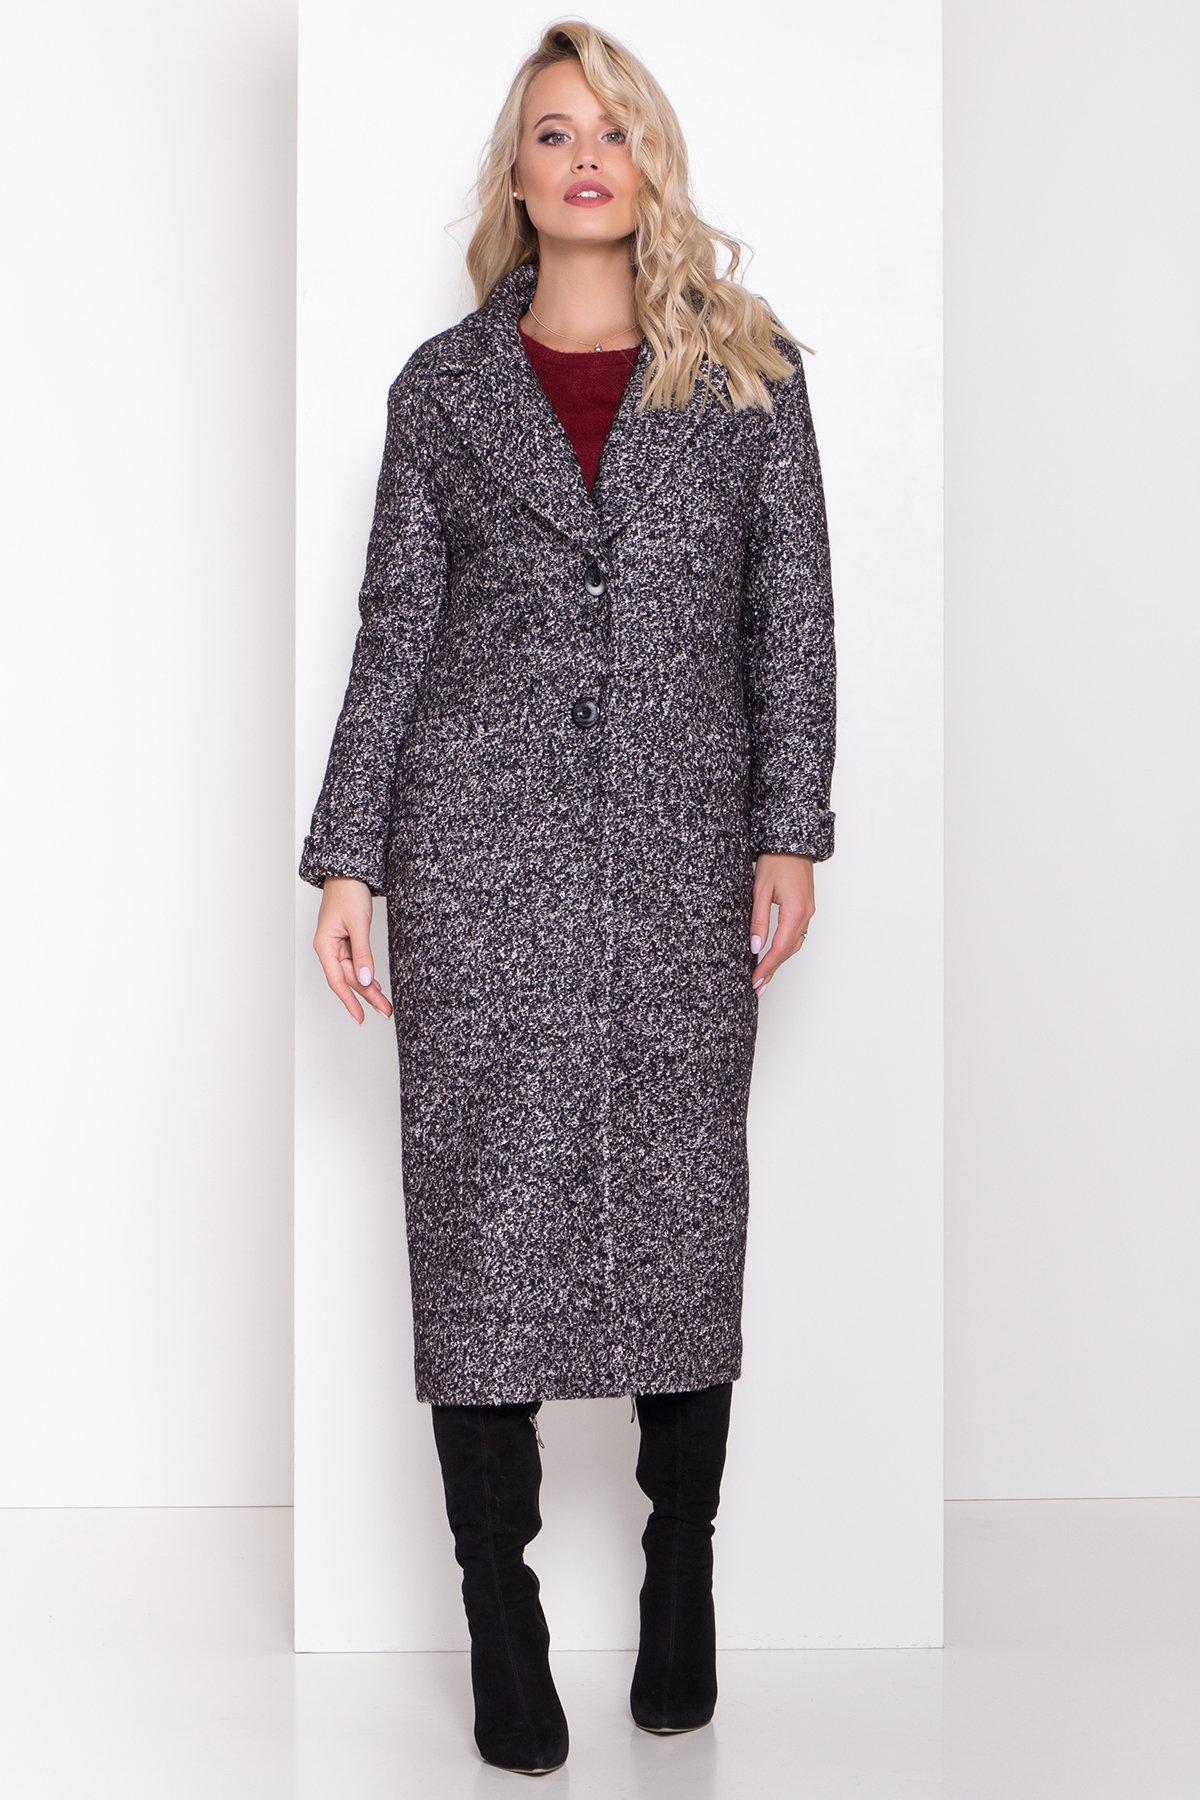 Теплое зимнее пальто буклированная шерсть Вива макси 8349 АРТ. 44517 Цвет: Черный/серый 61 - фото 12, интернет магазин tm-modus.ru